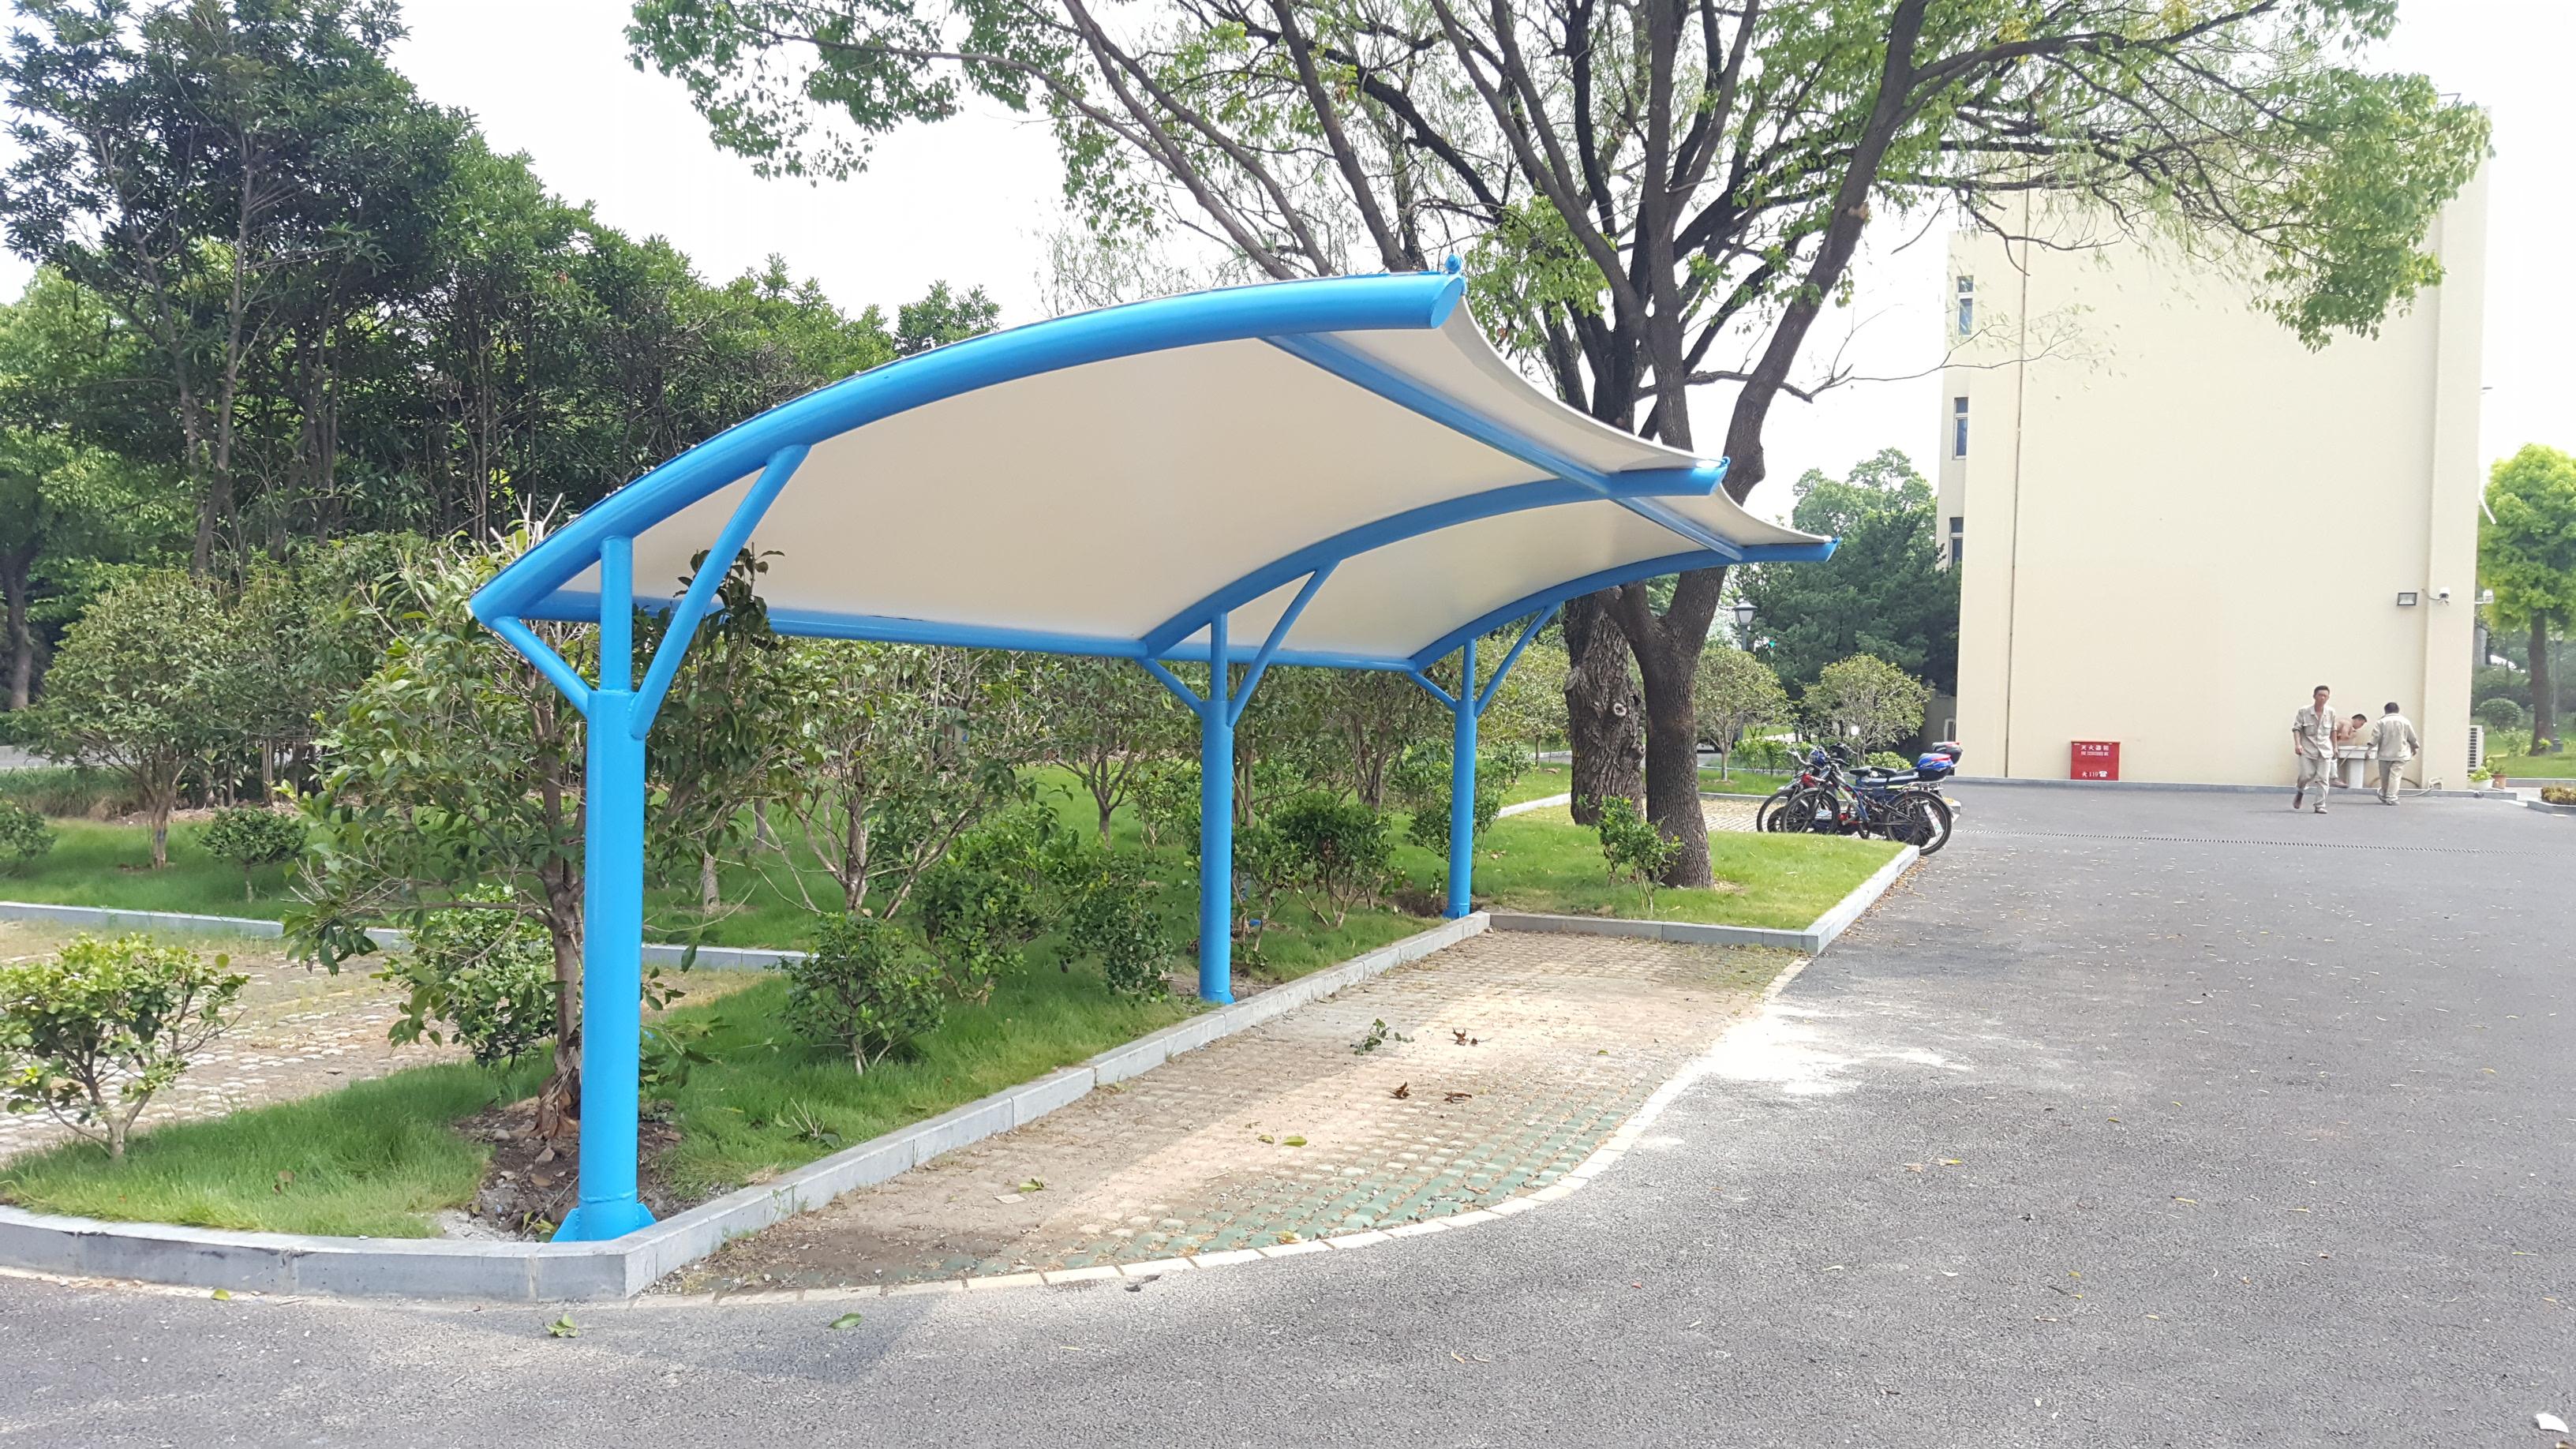 宝钢安保部 自行车棚 自行车停车棚产品演示图3